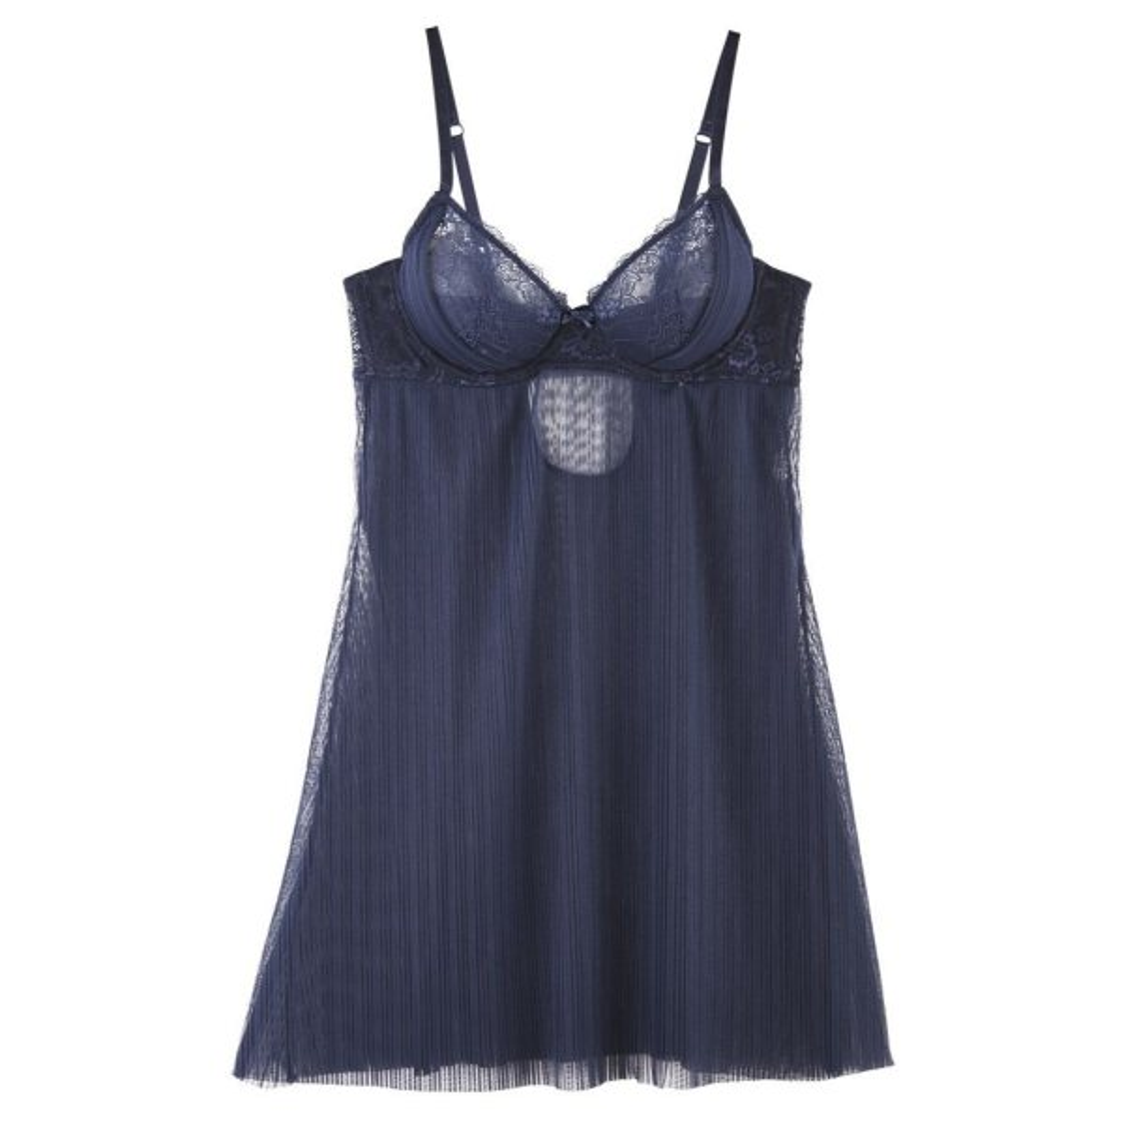 لباس خواب زنانه اسمارا مدل 134as